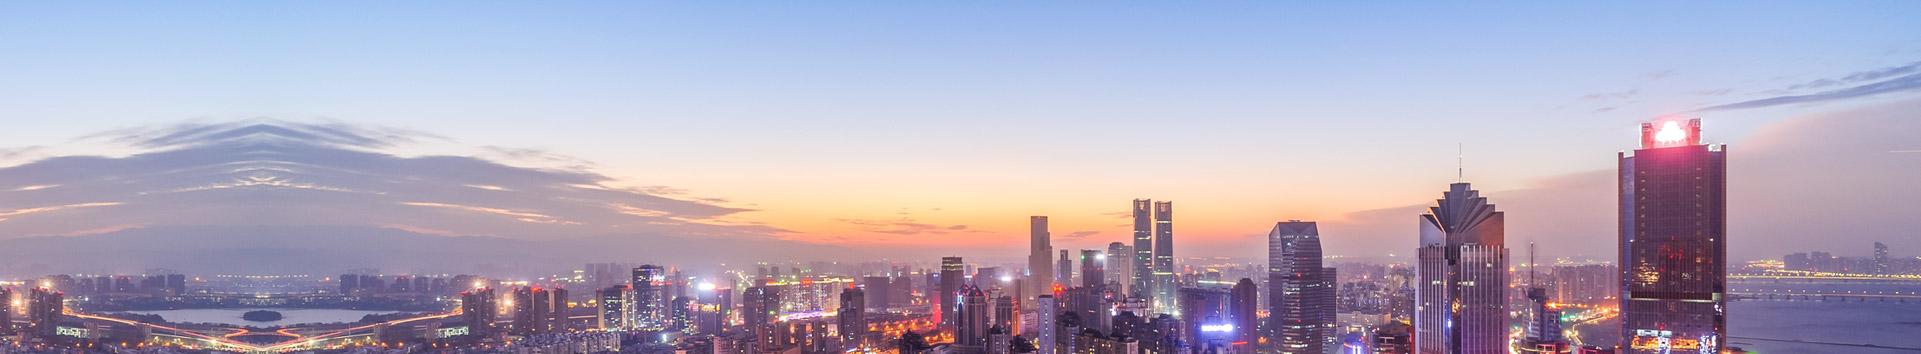 深圳前海金谷华夏基金有限公司